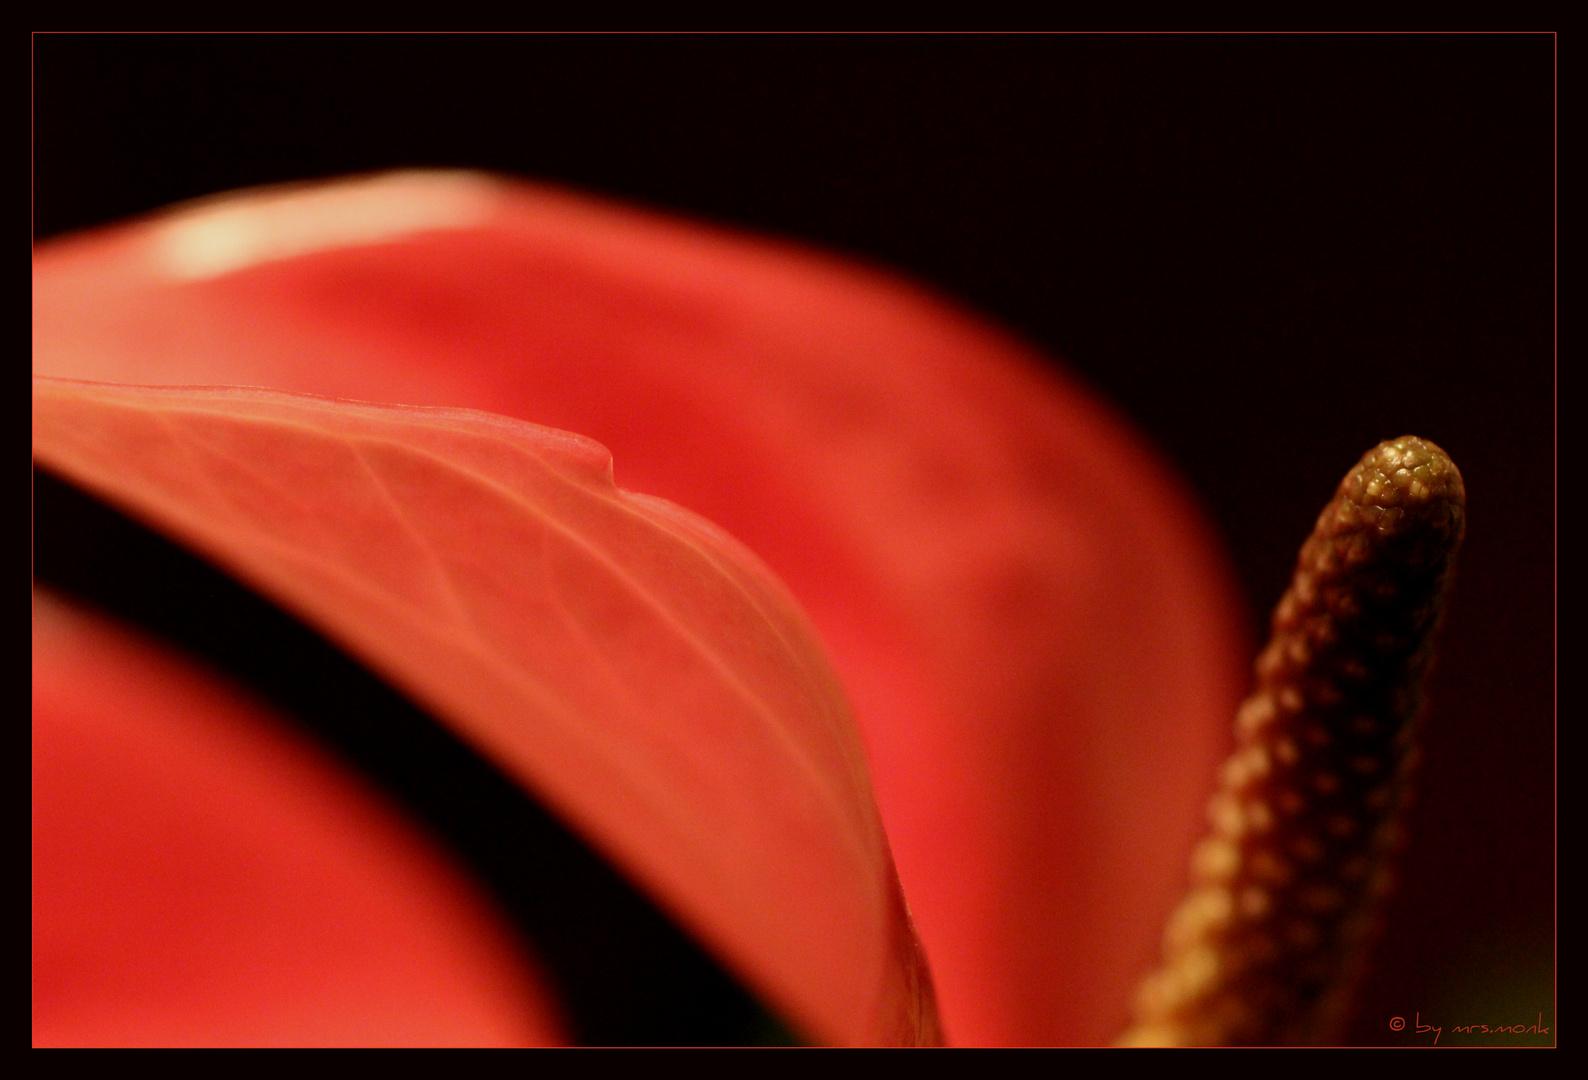 flamingo flower (no. 1)